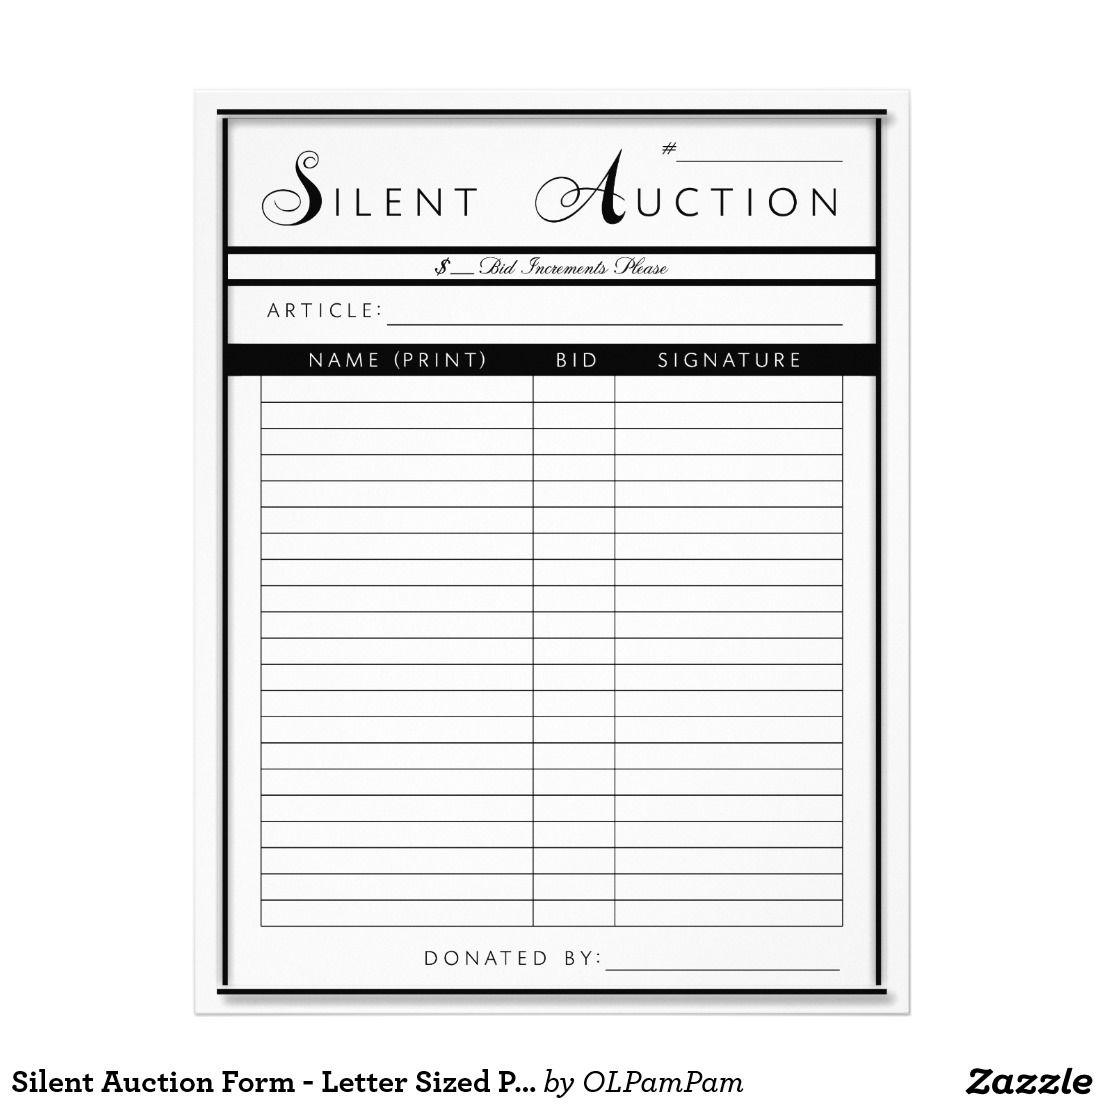 Silent Auction Form Letter Sized Paper Zazzle Com Donation Letter Letter Form Silent Auction Silent auction donation form template